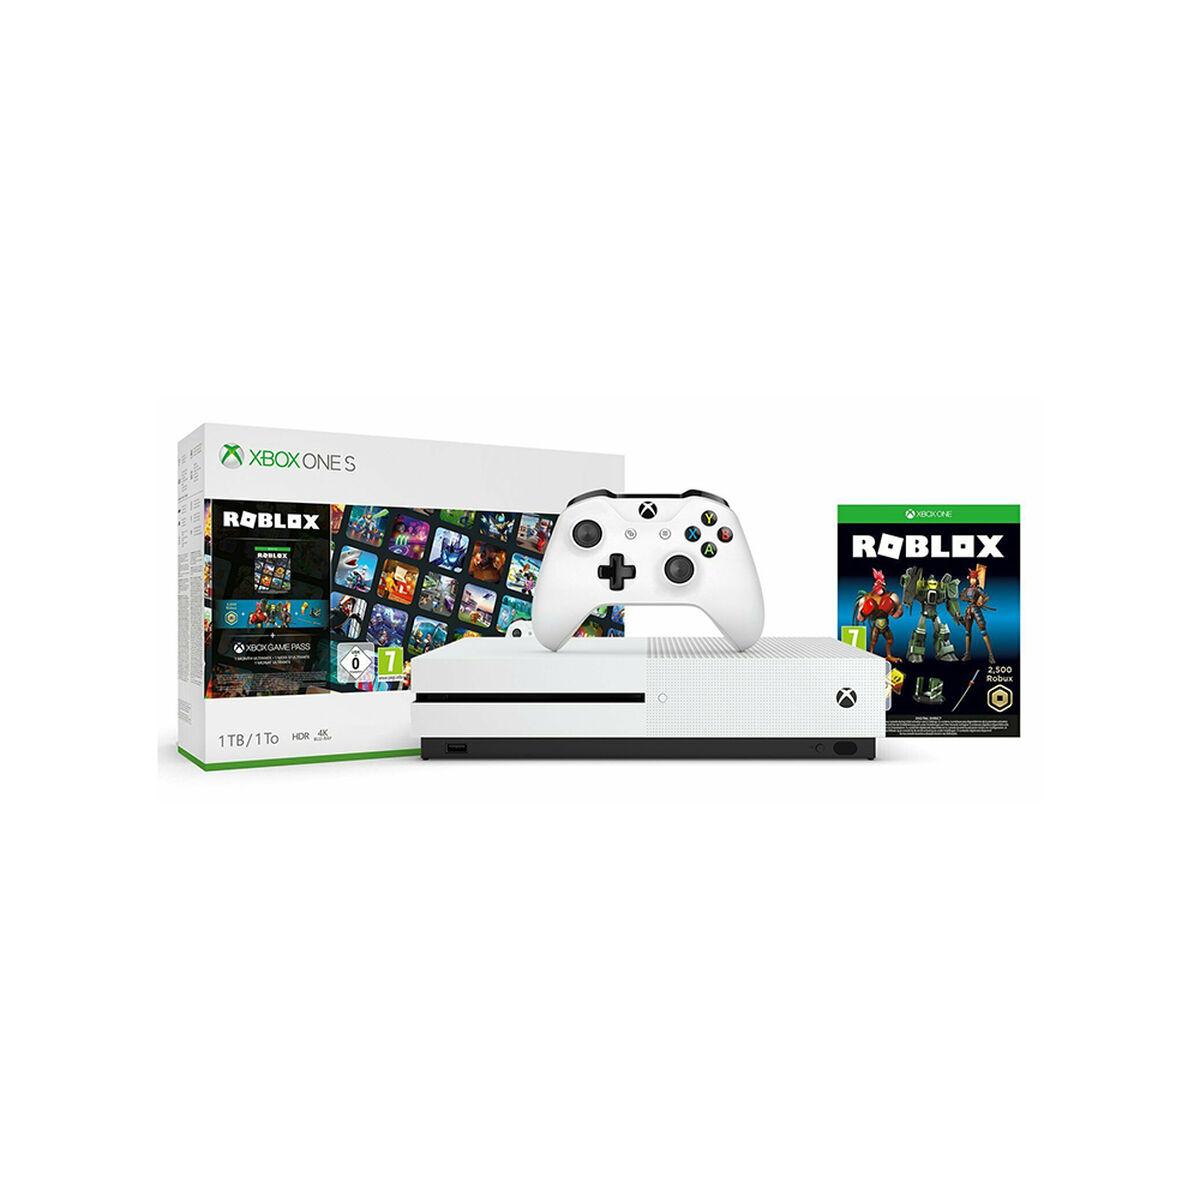 Consola Microsoft Xbox One S 1TB + Juego Roblox